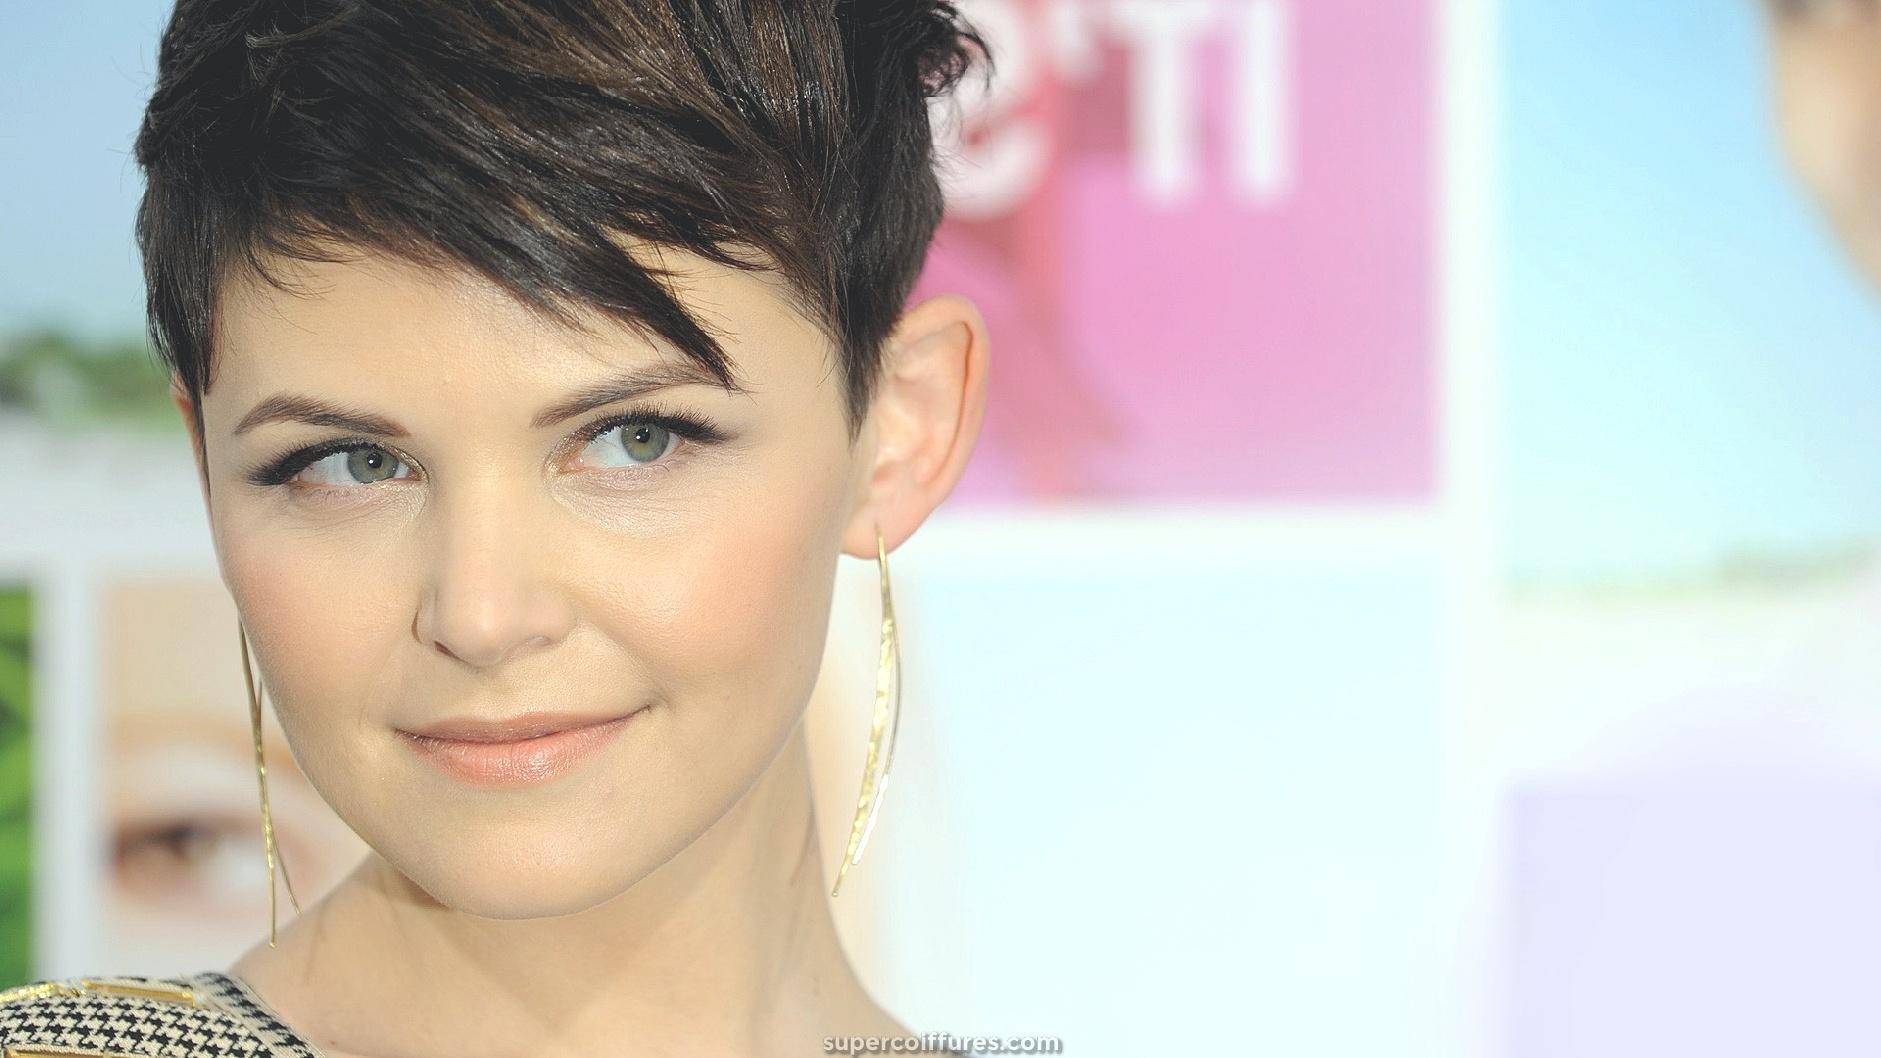 25 coiffures courtes magnifiques et flatteuses pour visages ronds